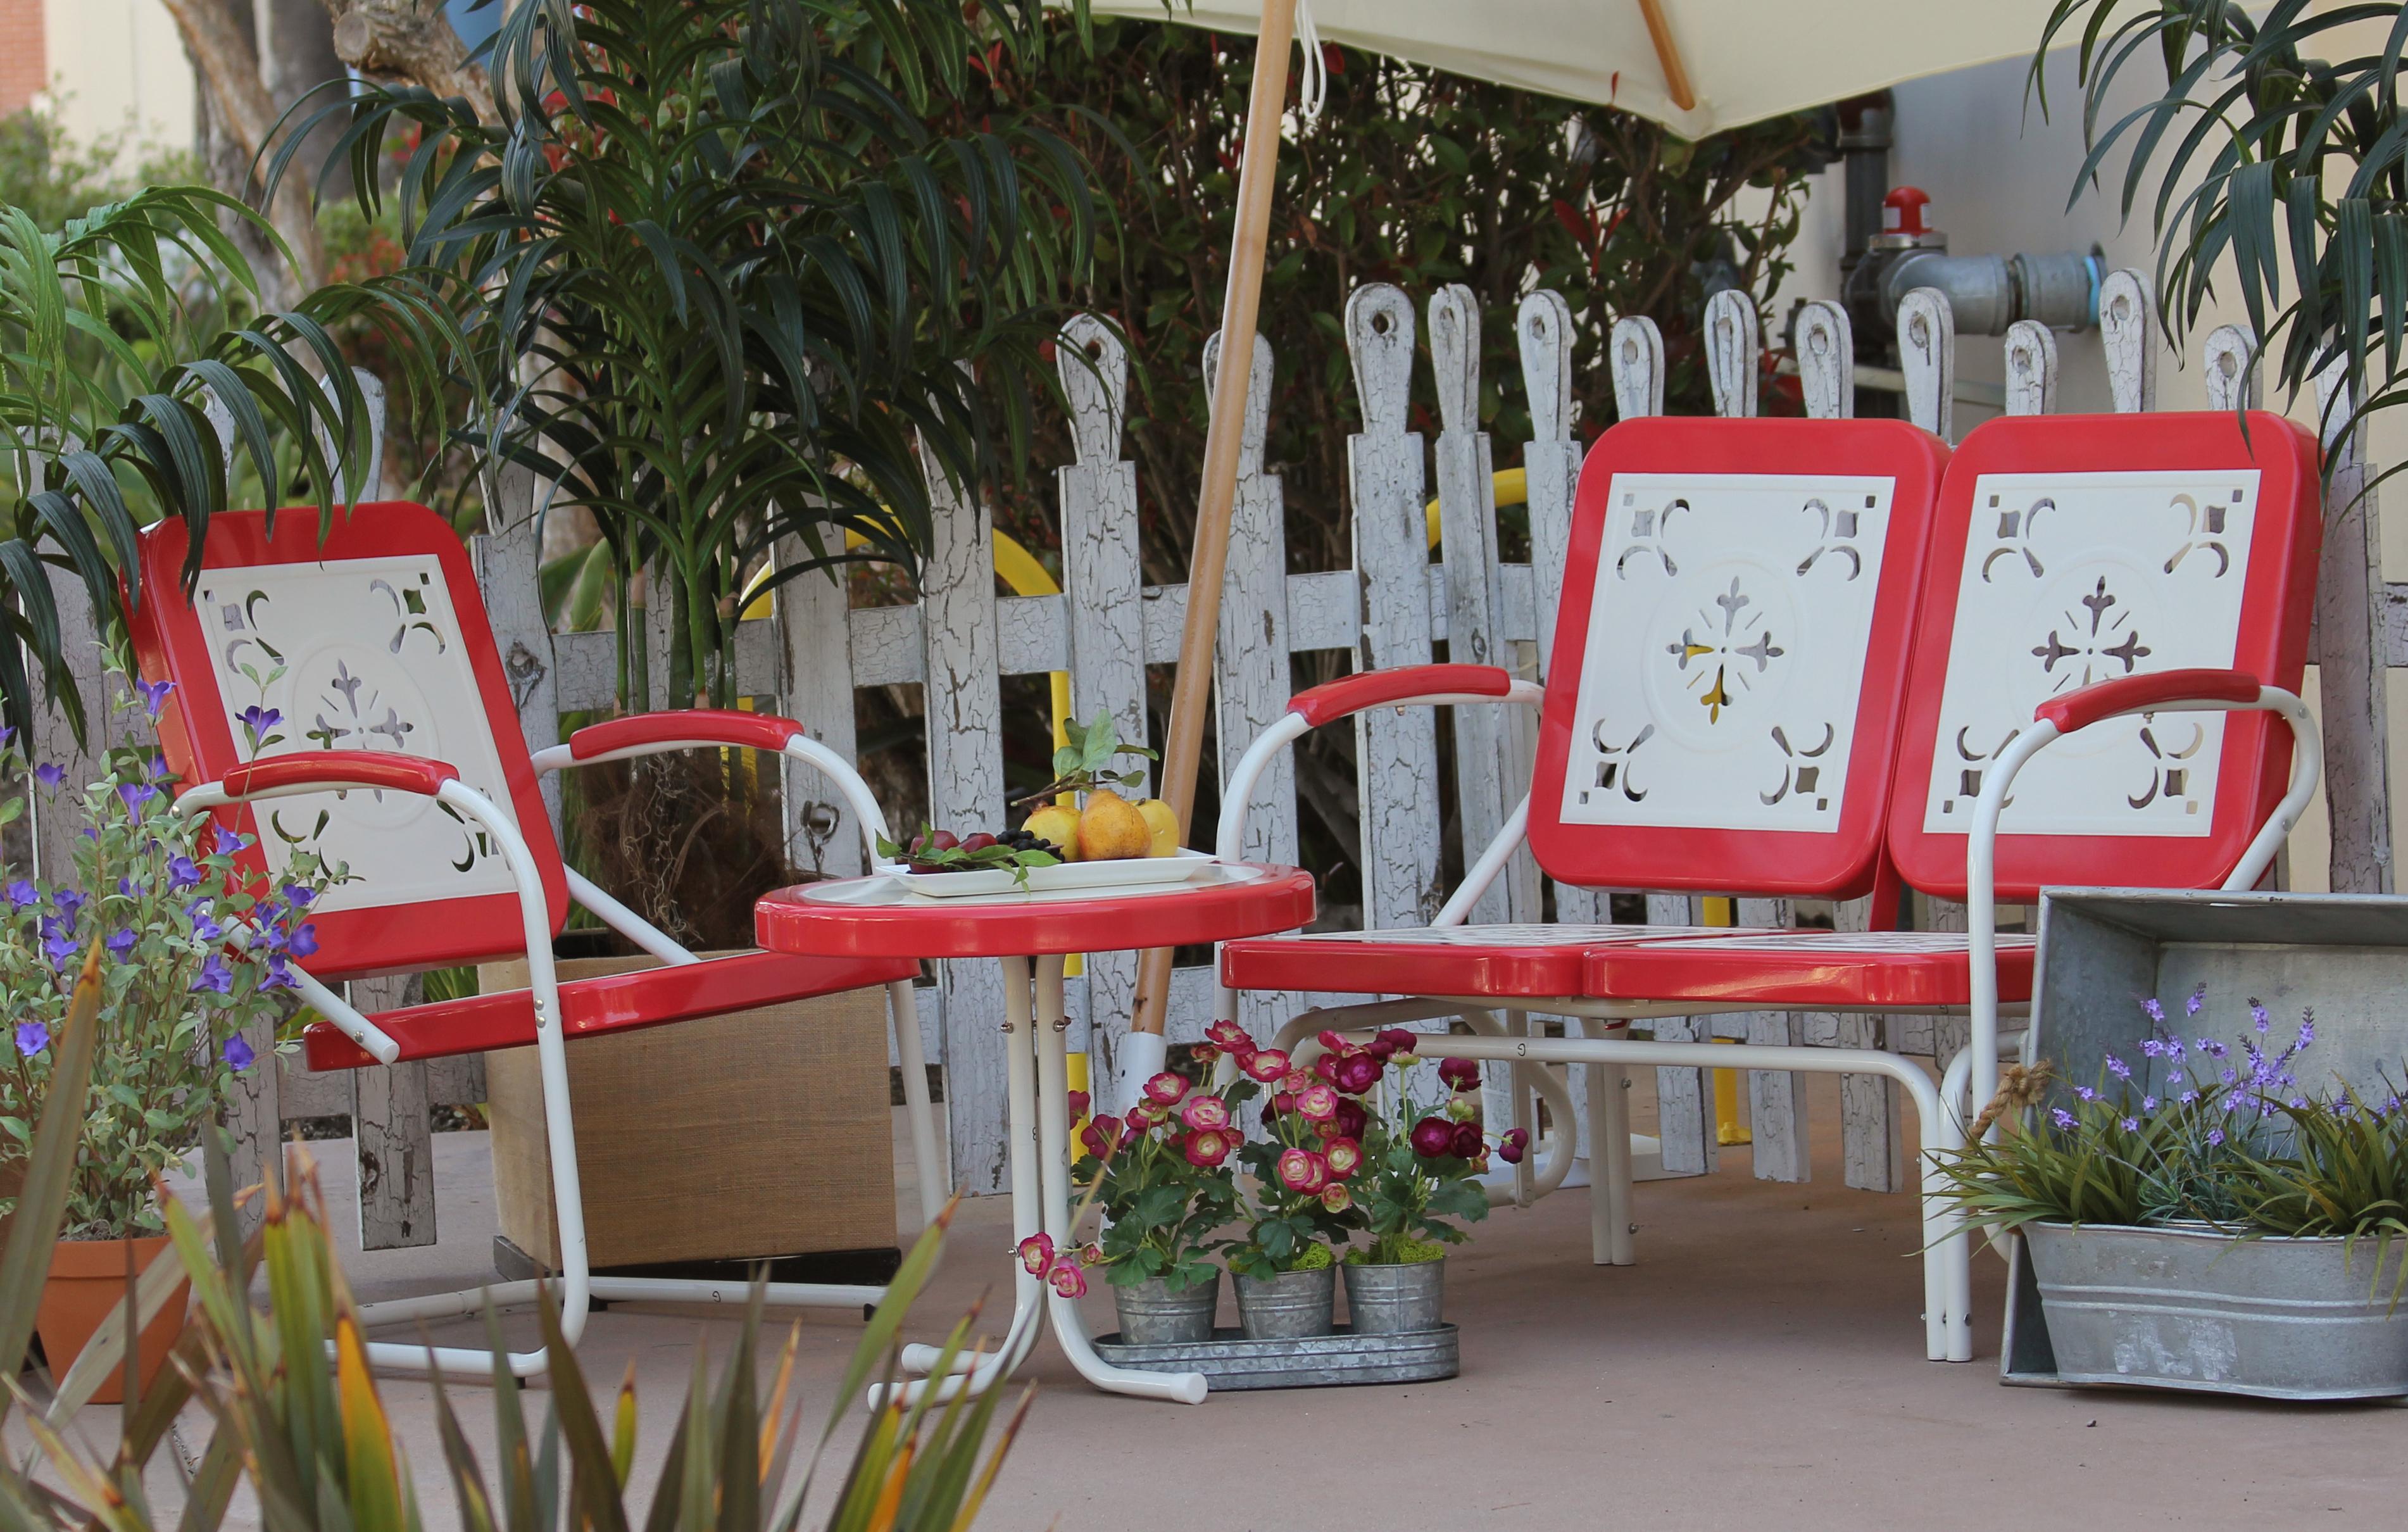 summerland vintage patio furniture-tomato KOCJSOE